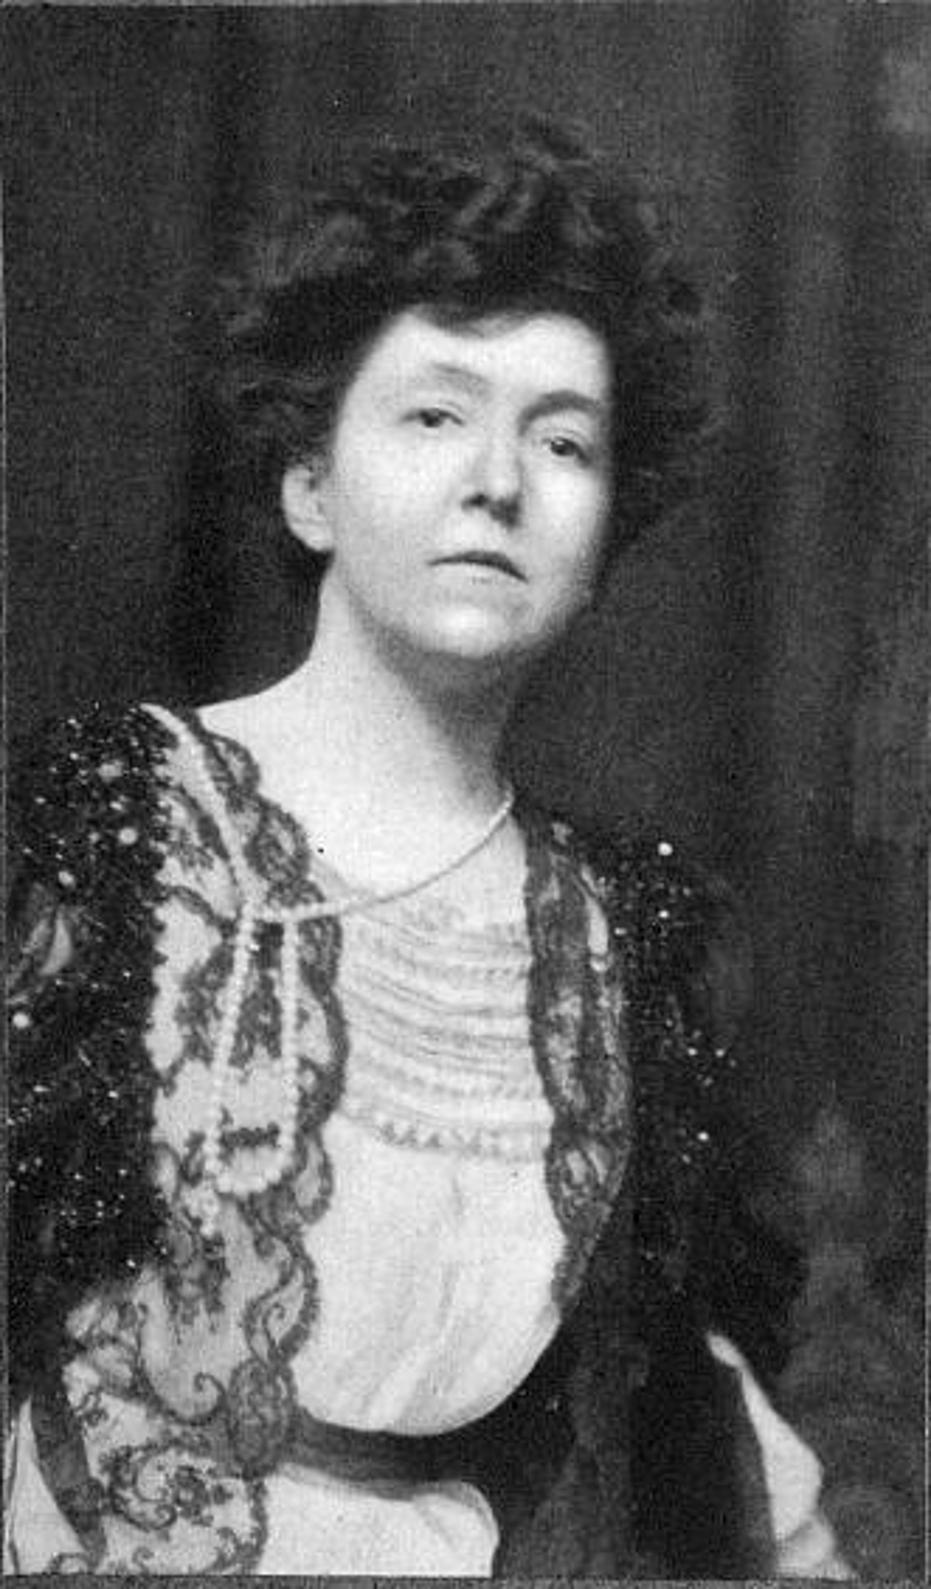 Elsie de Wolfe - Wikipedia